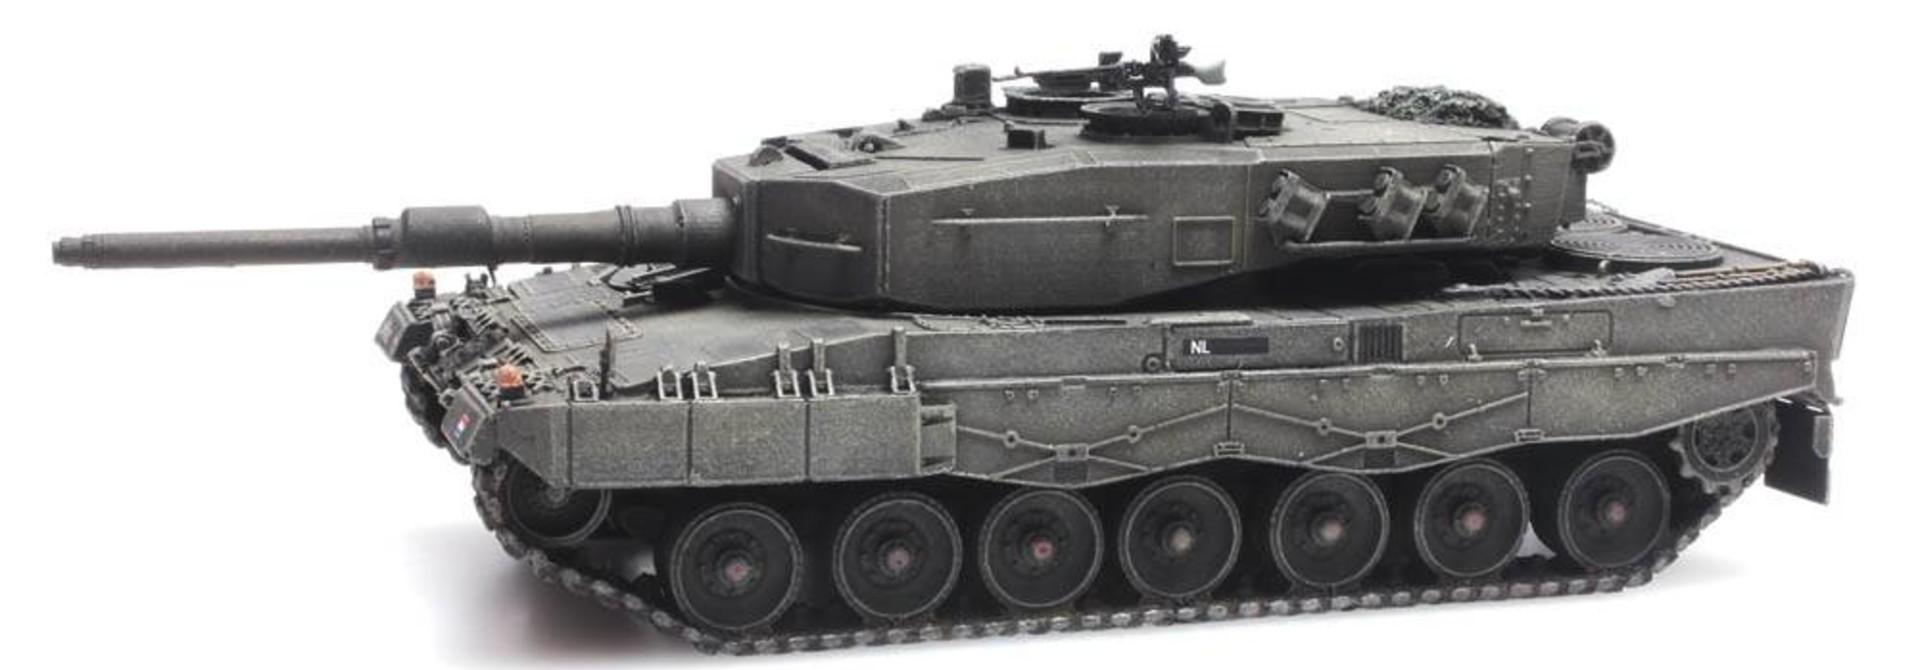 6870113 NL Leopard 2A4